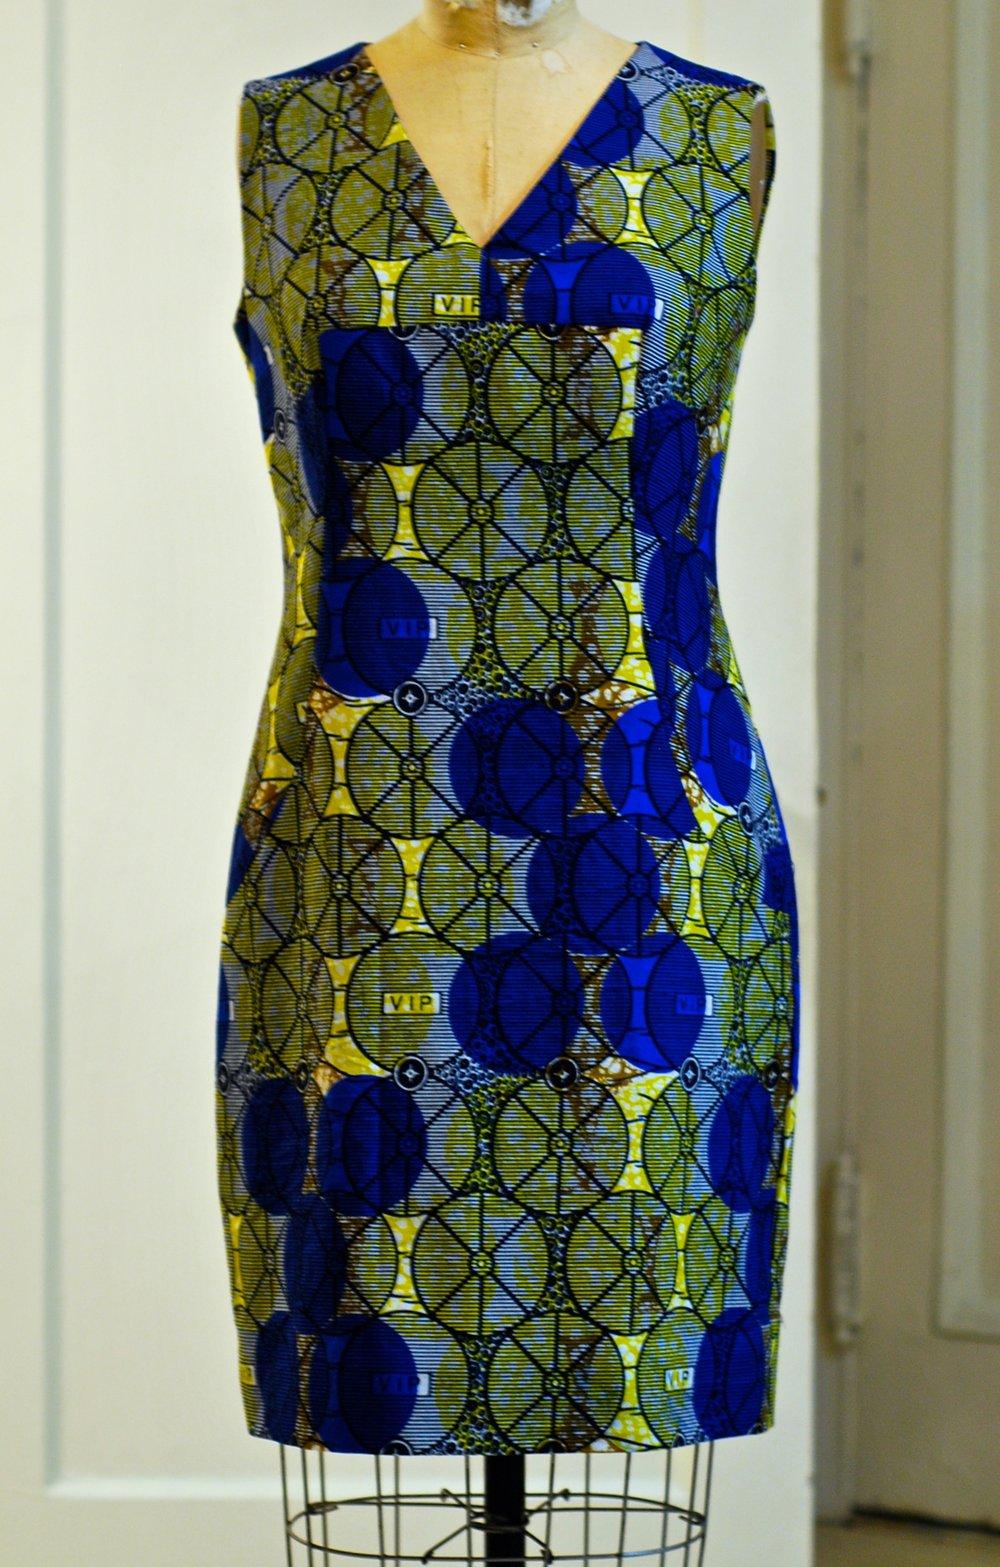 VIP Dress.jpg